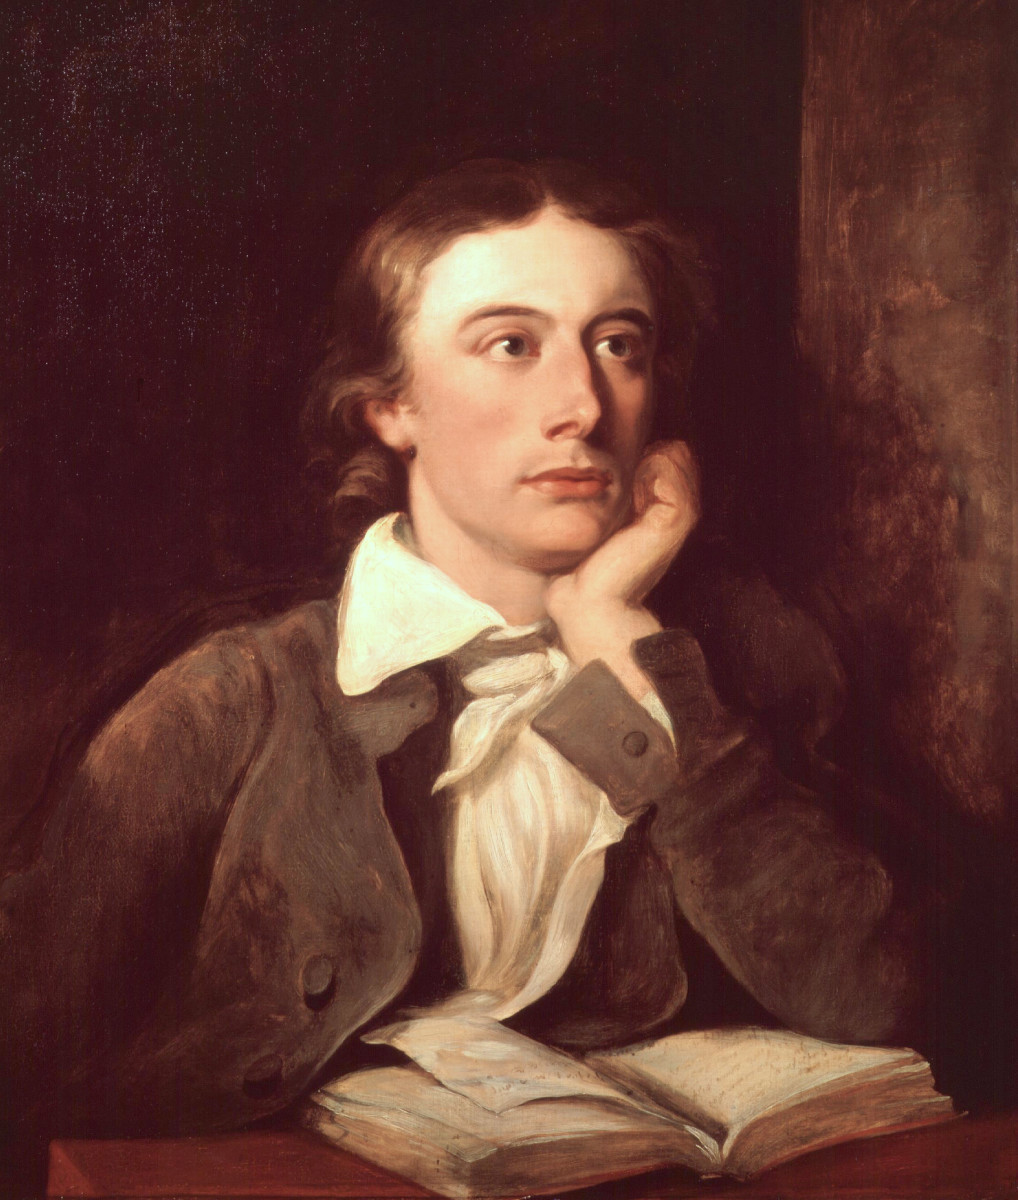 威廉·希尔顿国家肖像画廊的约翰·济慈